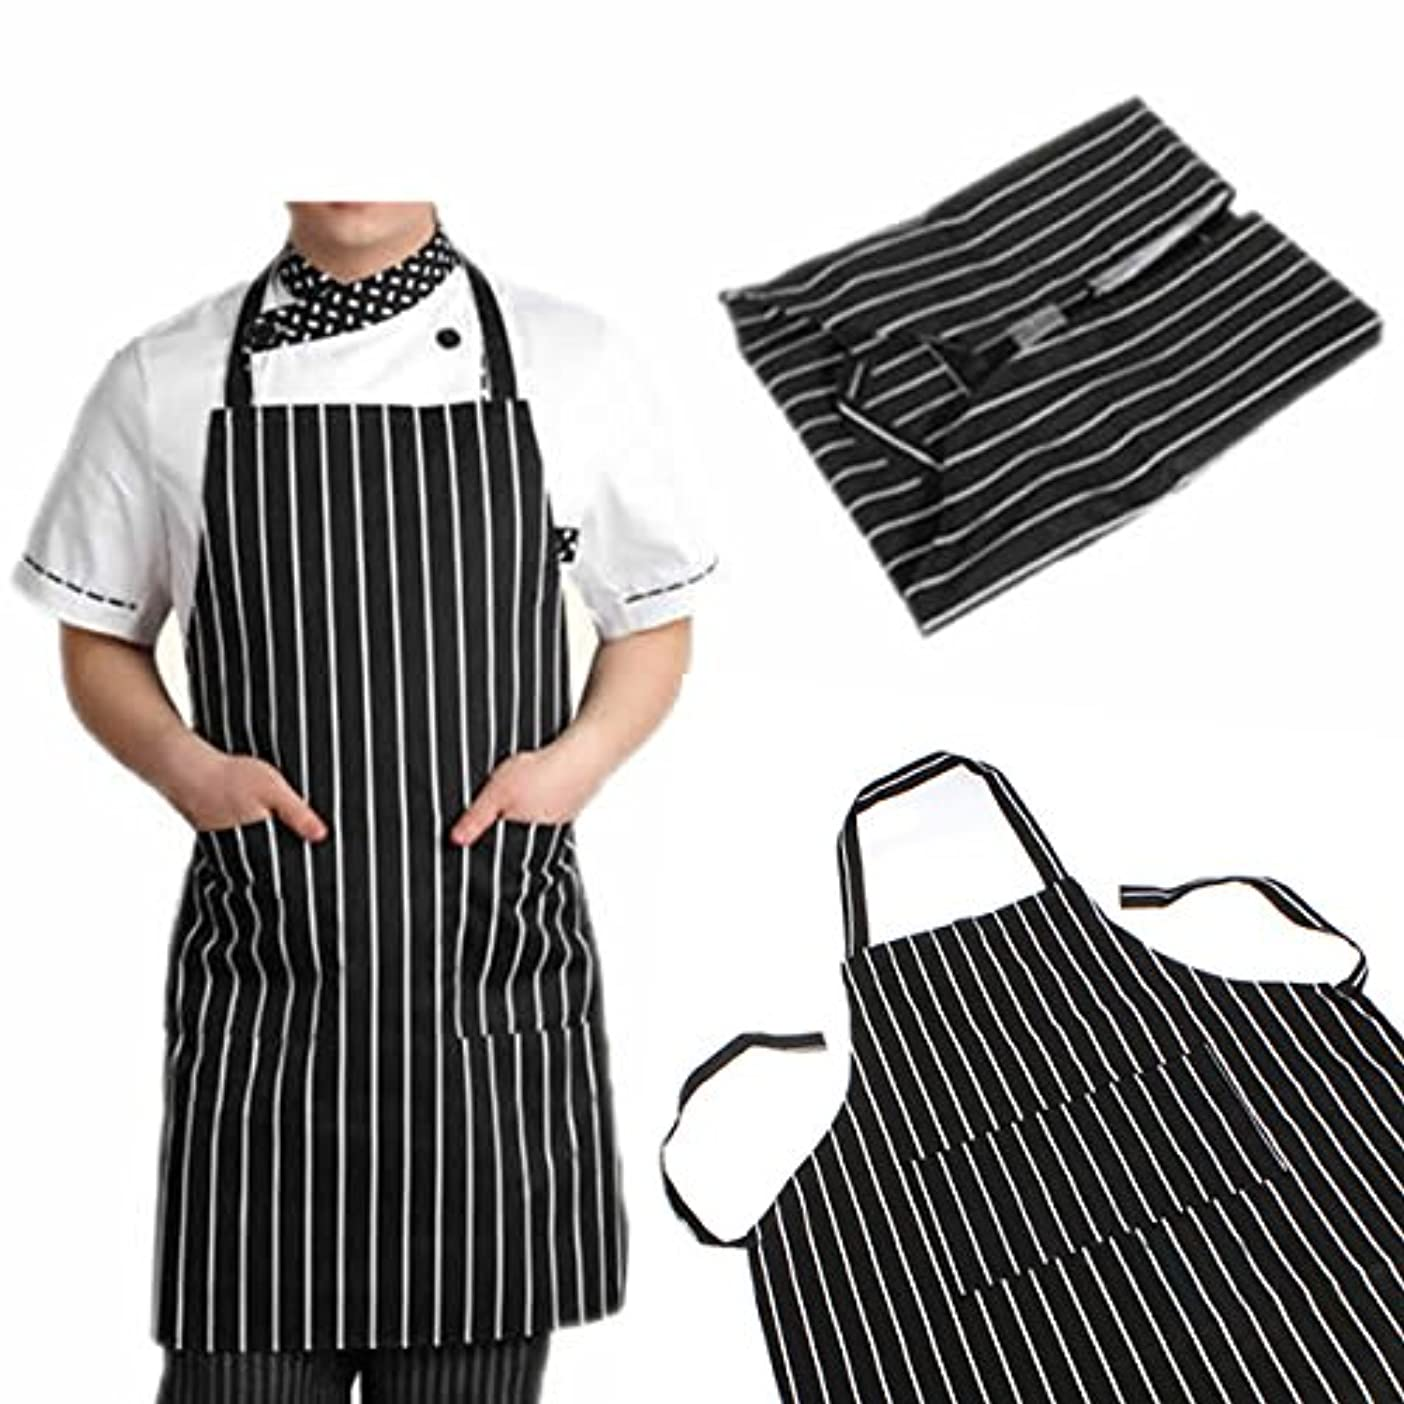 位置する所属そこattachmenttou ブラックストライプビブエプロン 2つのポケット付き キッチン料理 耐久性のある 有用 調節可能な 大人